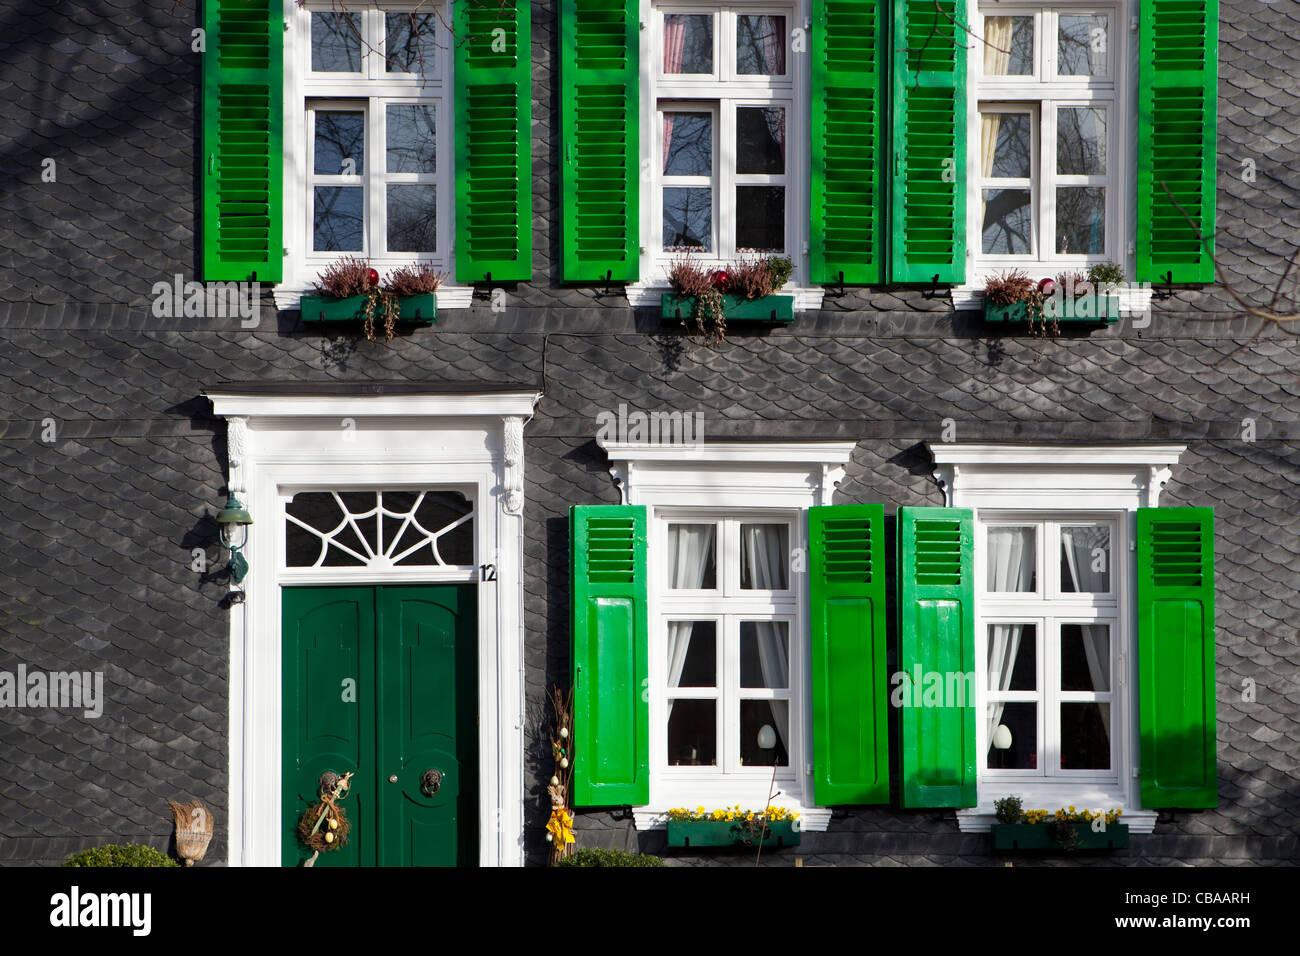 Haus Mit Traditionellen Dunklen äußeren Fliesen Und Grüne Fenster In - Fliesen kaufen düsseldorf